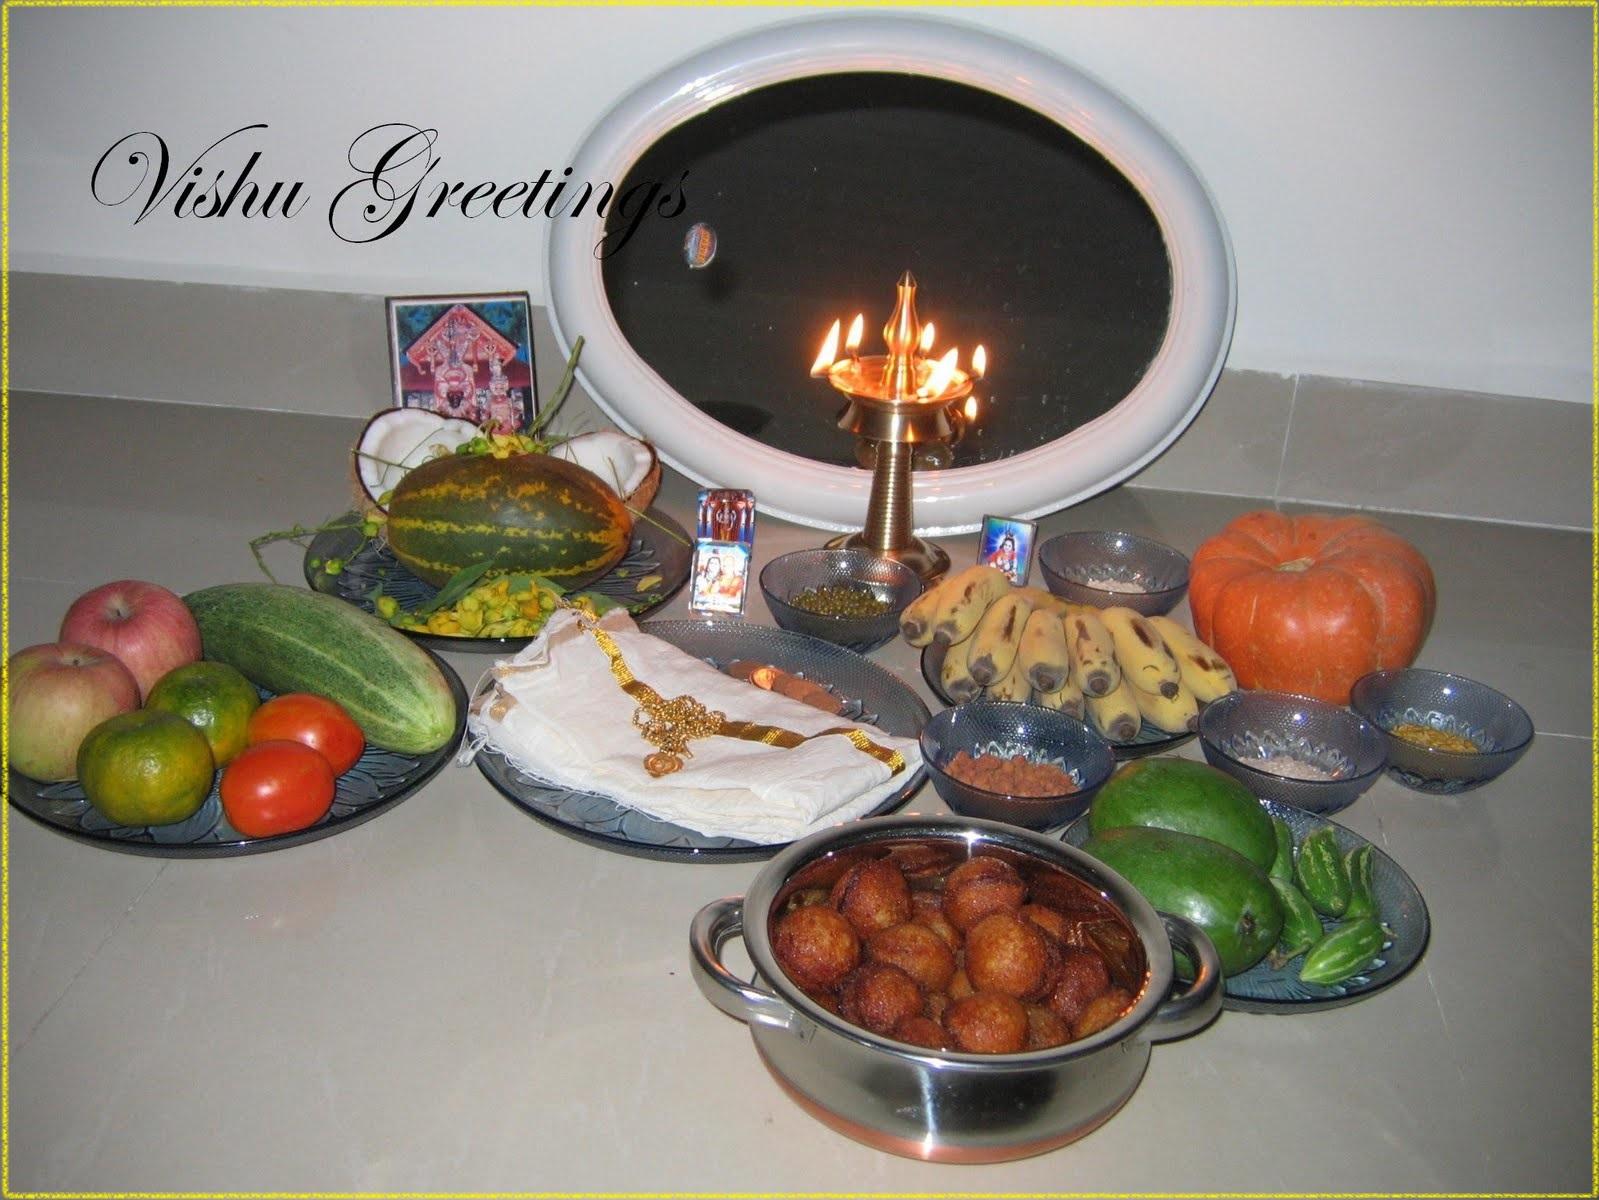 http://4.bp.blogspot.com/-QoCtnL1NLSg/UVbpc0CsnkI/AAAAAAAAQVU/IEnhWYdvrzA/s1600/Happy+Vishu+Pooja+Images+-+7.JPG